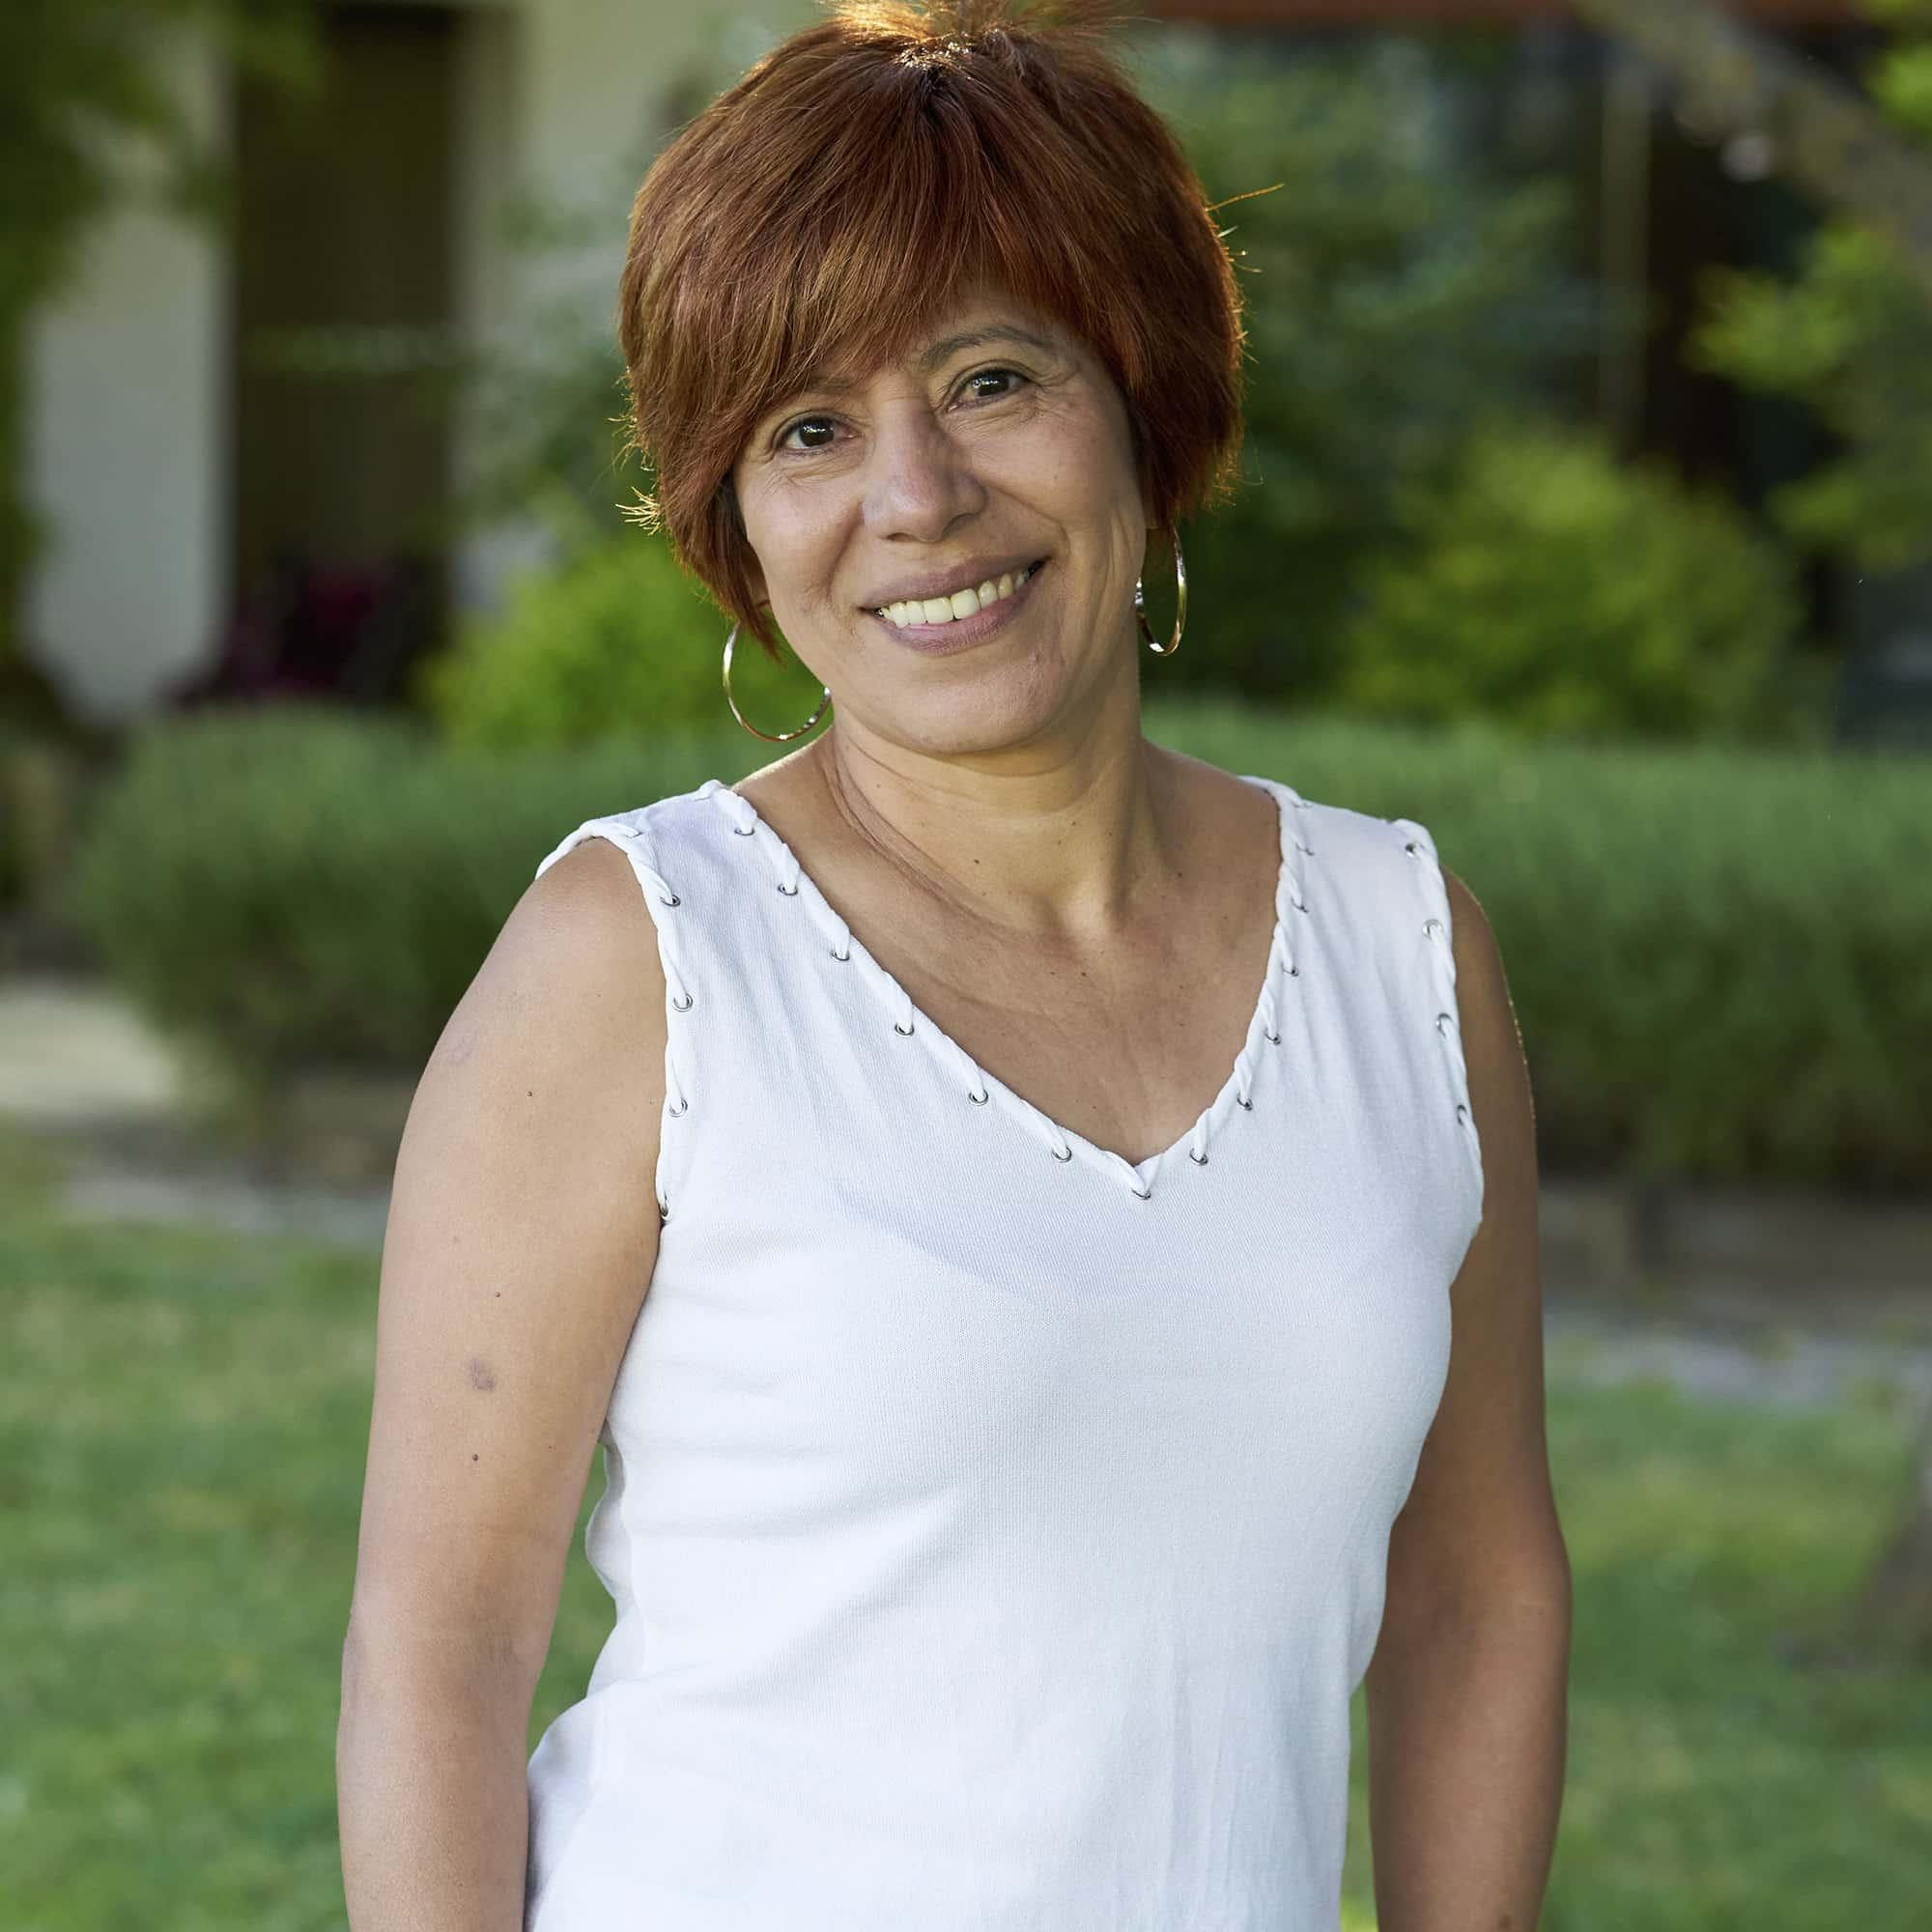 Jenny Edith Munive Cardenas